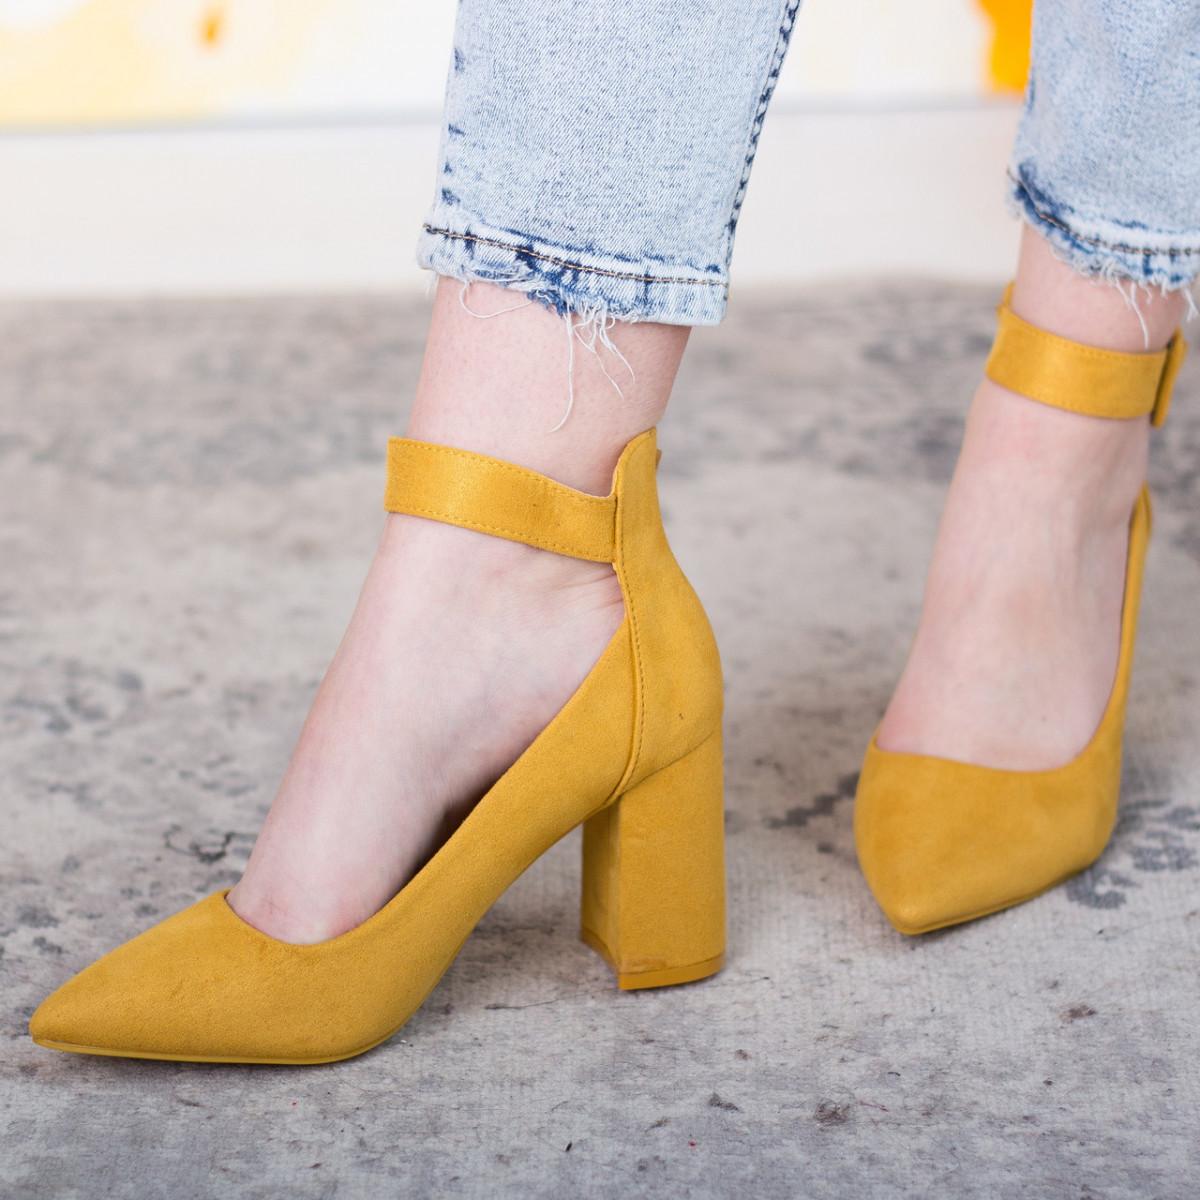 Туфли женские Fashion Caboose 2615 40 размер 25,5 см Желтый